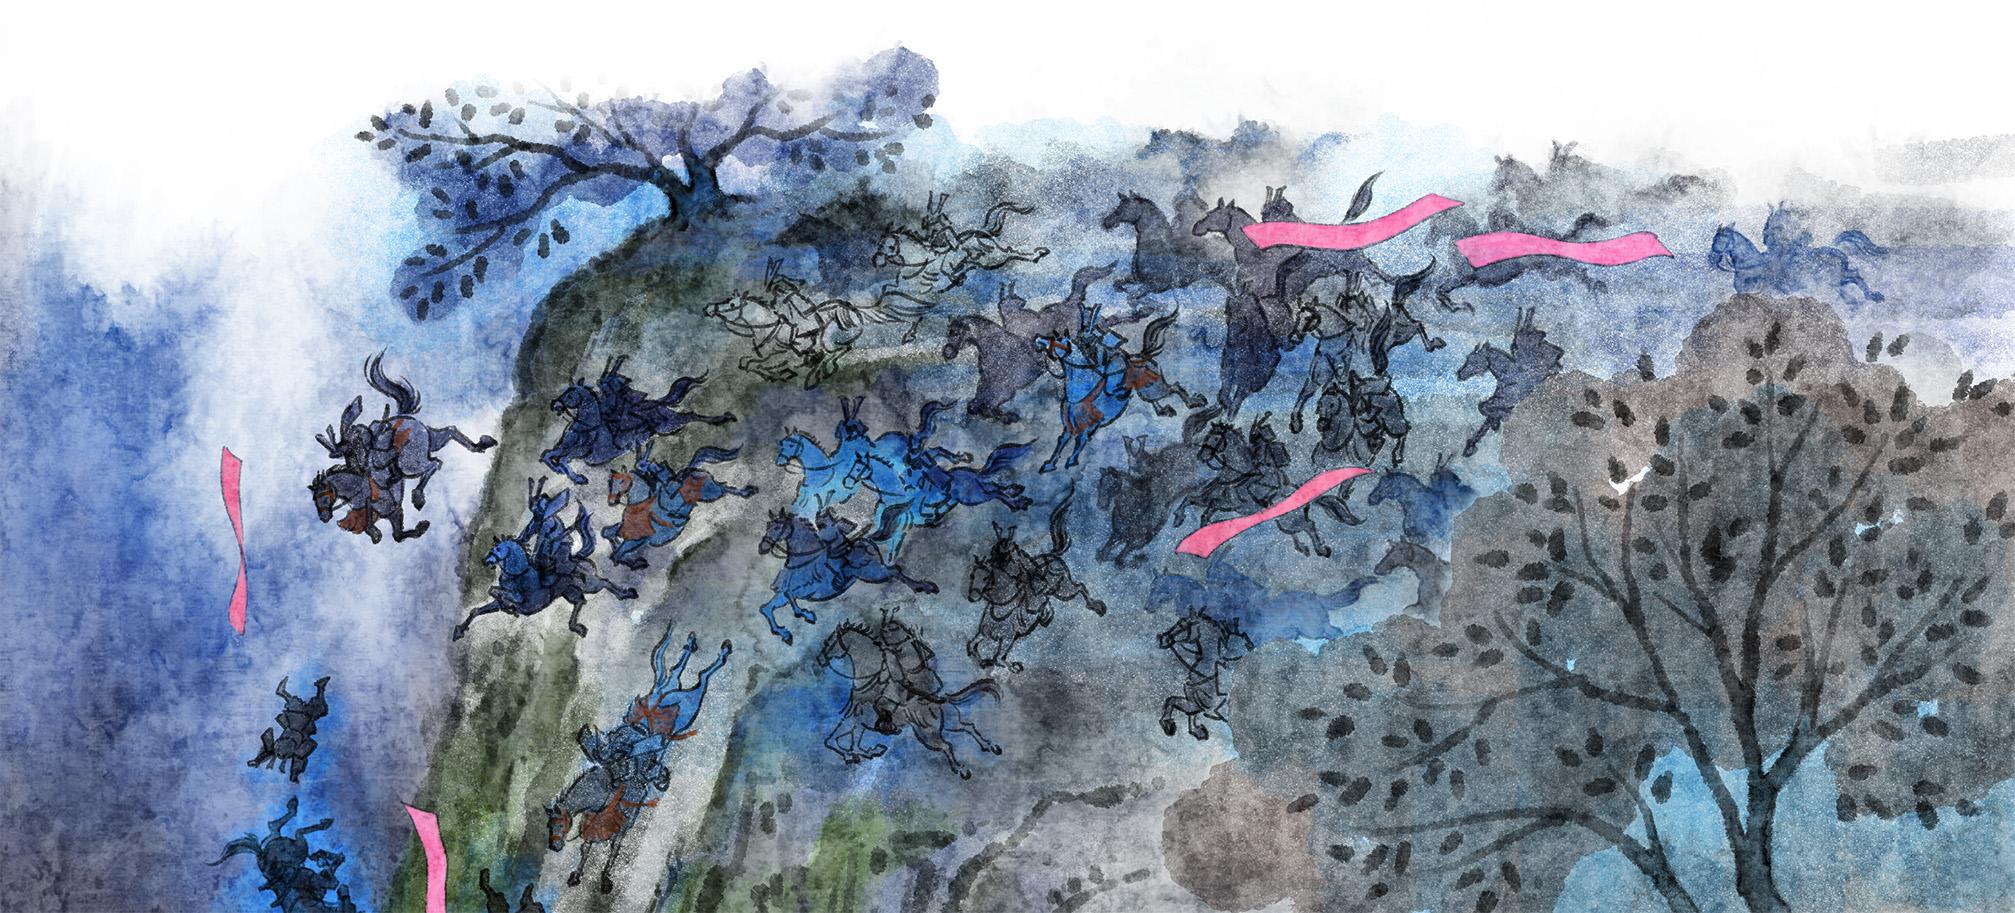 イラストレーター 黒澤葵さんが選ぶ 挿画 Best 10の画像1